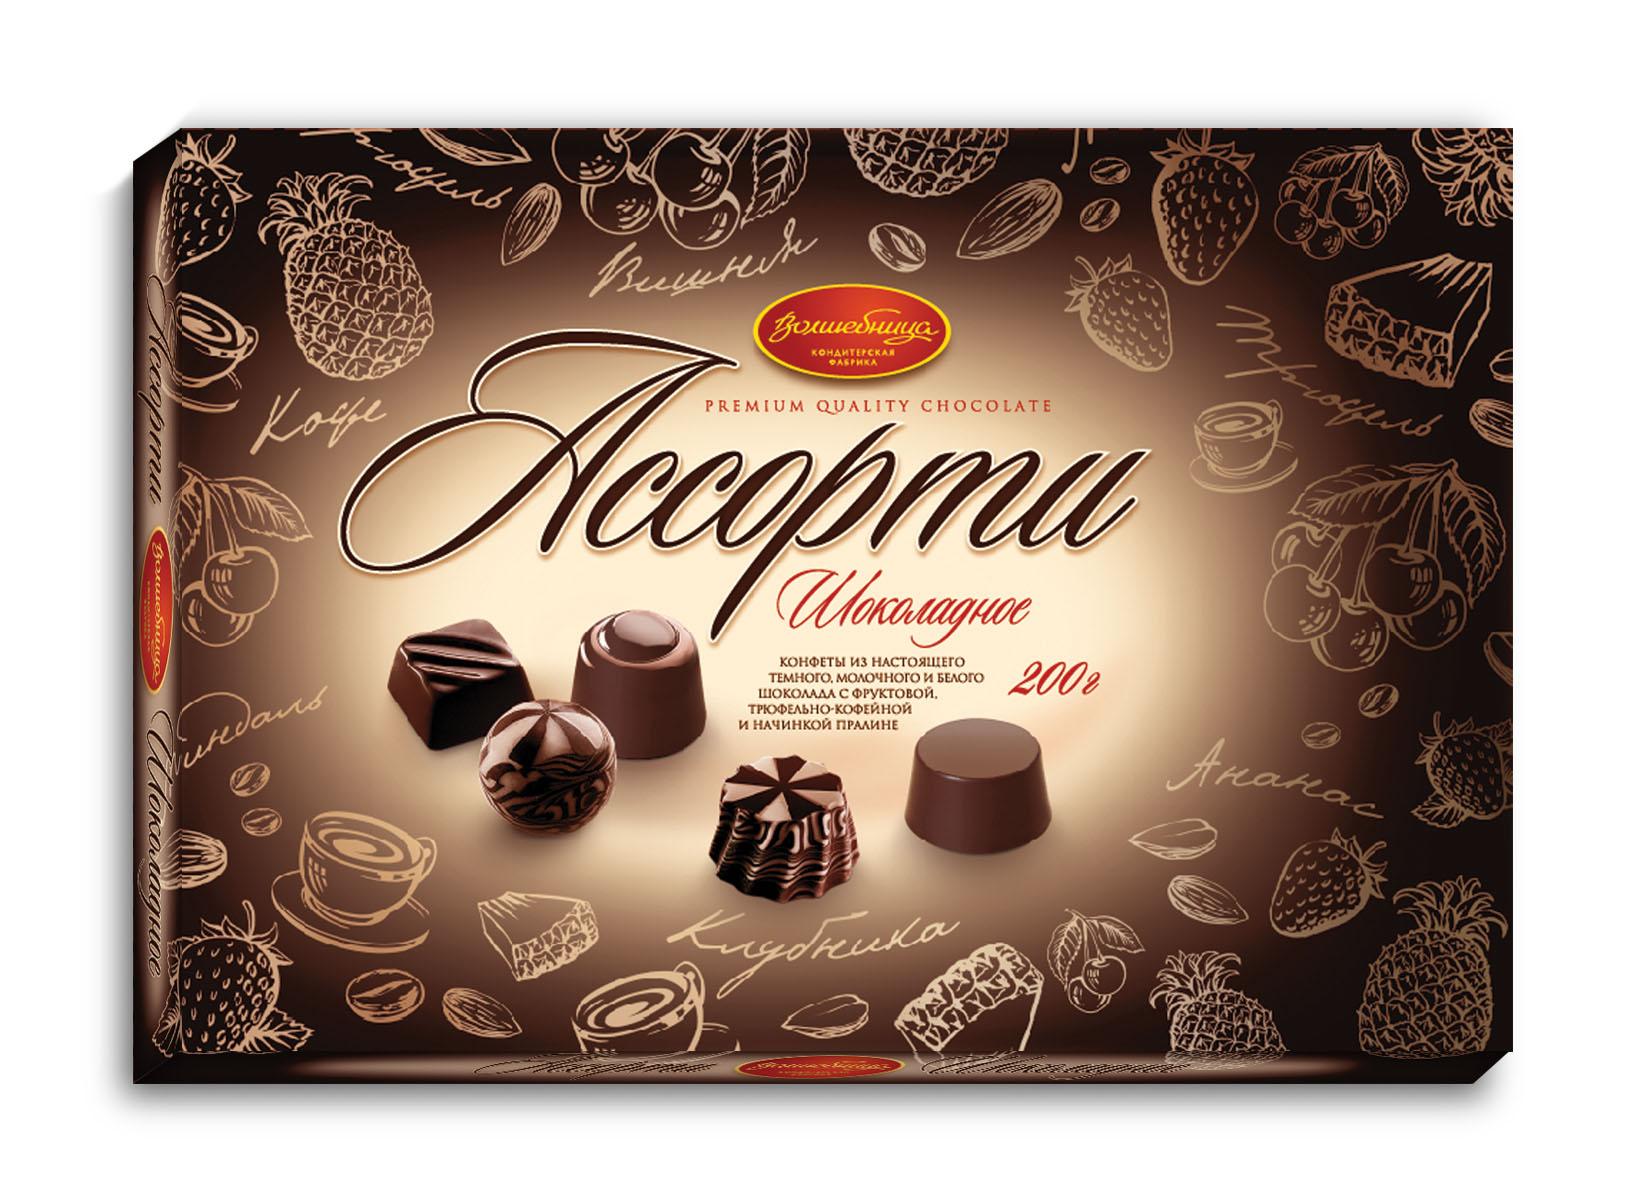 Волшебница конфеты шоколадное ассорти (коричневые), 200 г шоколадные годы конфеты ассорти 190 г